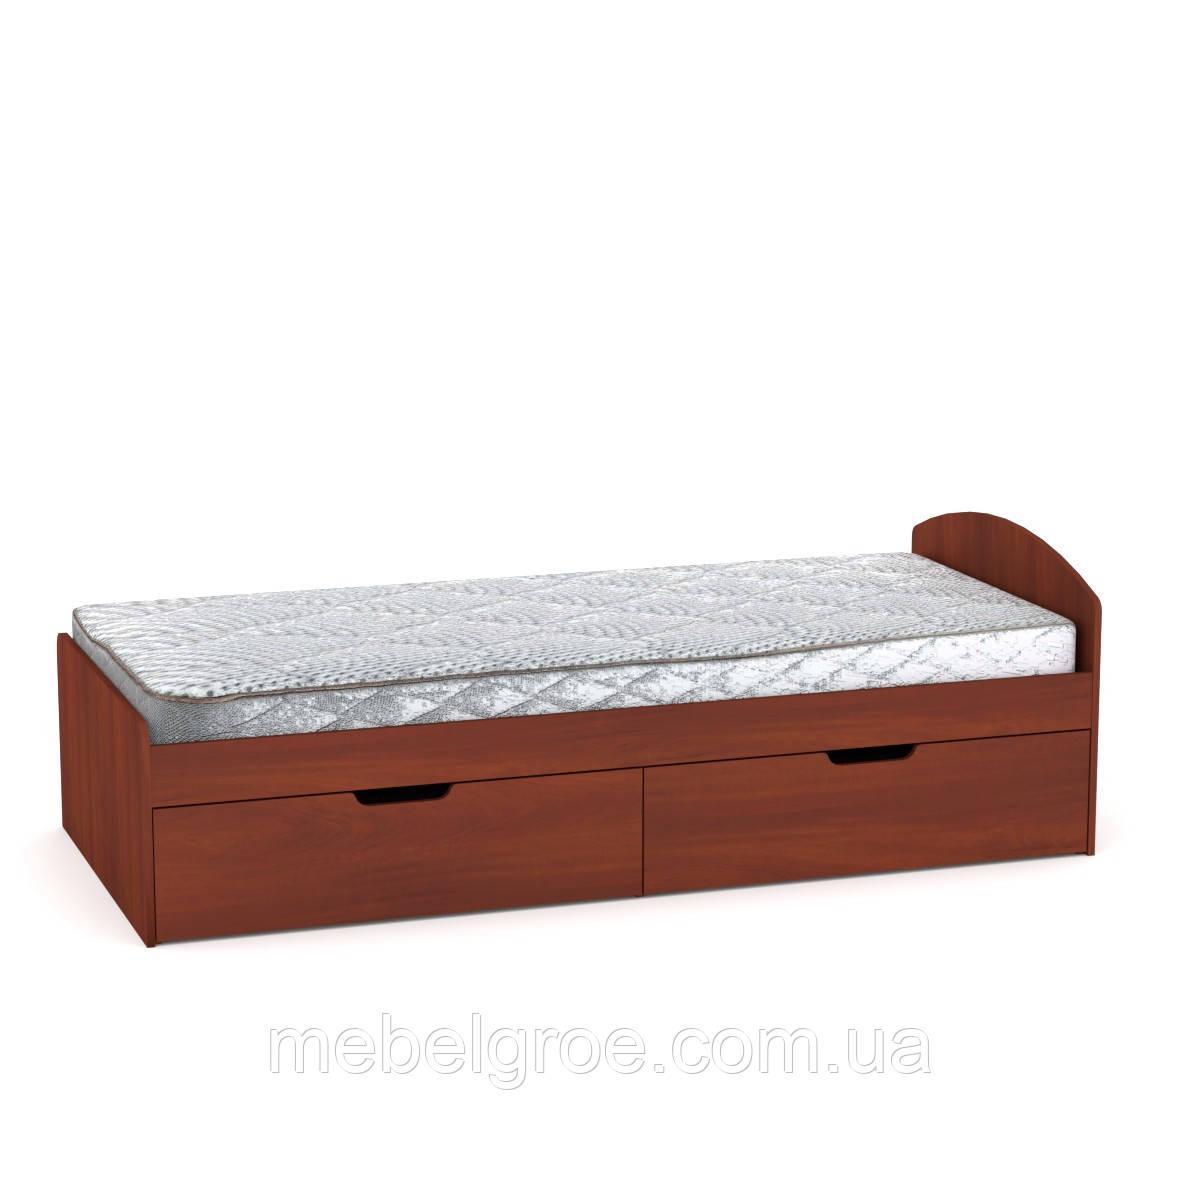 Односпальная кровать 90+2 тм Компанит